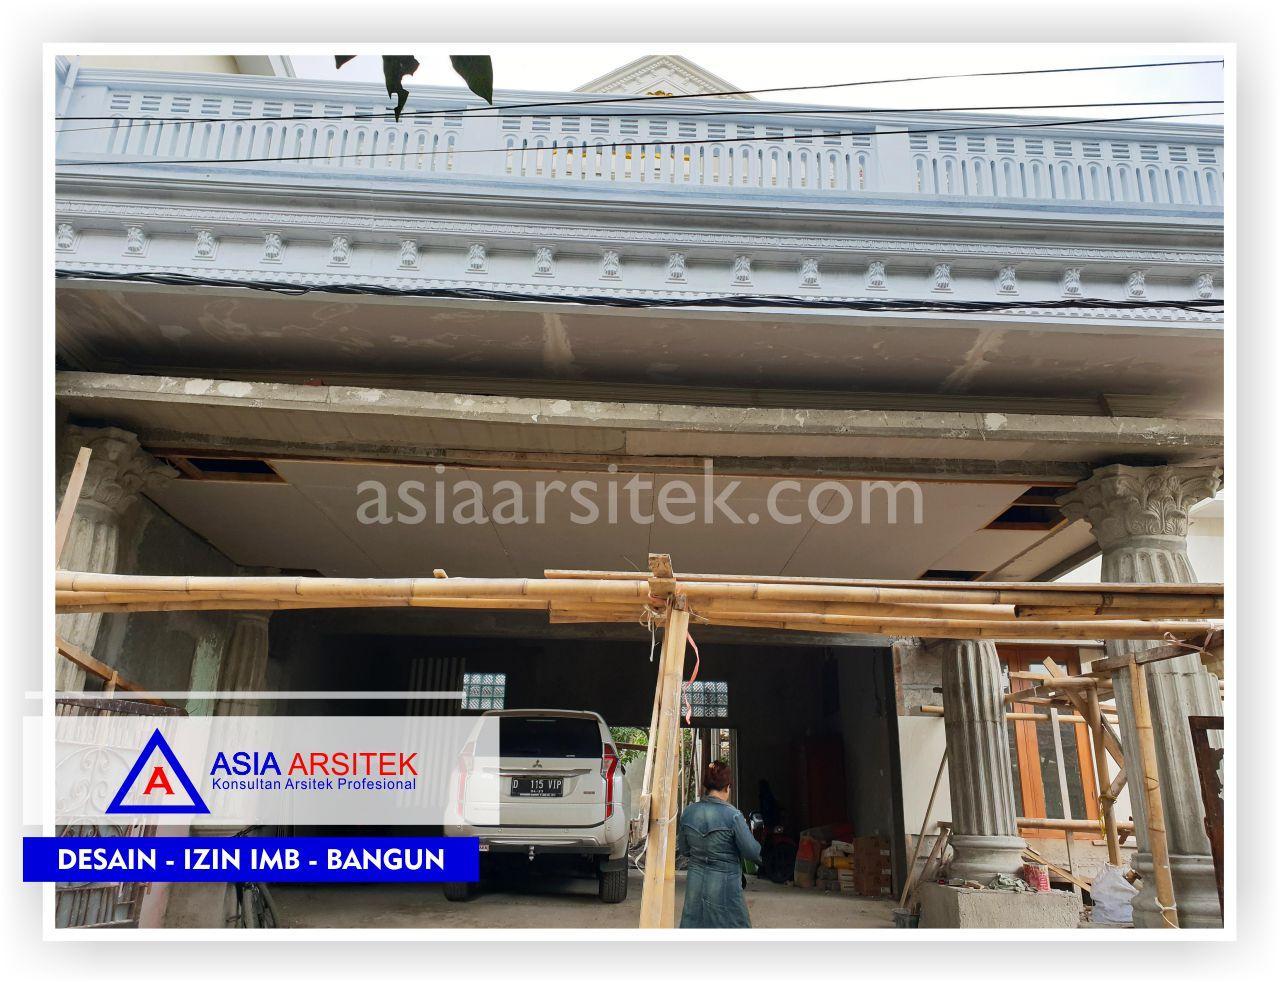 Area Carport Rumah Klasik Mewah Bu Iis - Arsitek Desain Rumah Minimalis Modern Di Bandung-Tangerang-Bogor-Bekasi-Jakarta-Jasa Konsultan Desain Arsitek Profesional (1)